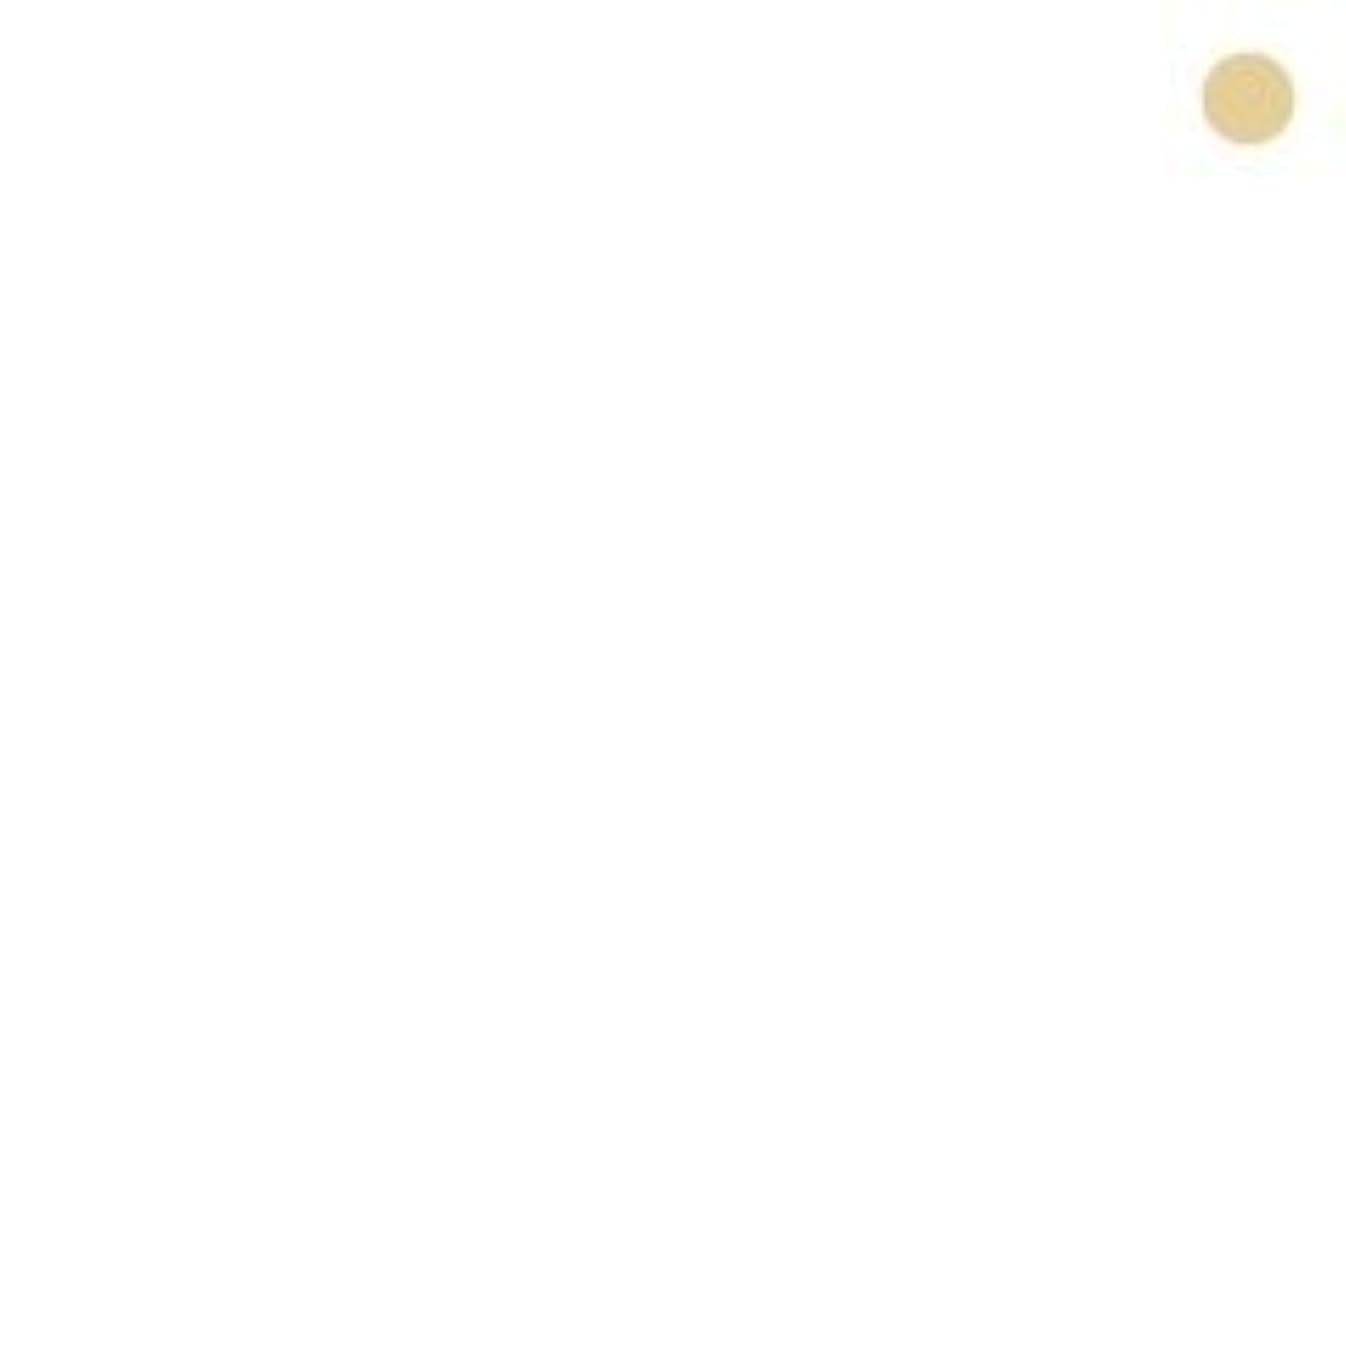 【カバーマーク】ジャスミーカラー パウダリーファンデーション #BP20 (レフィル)